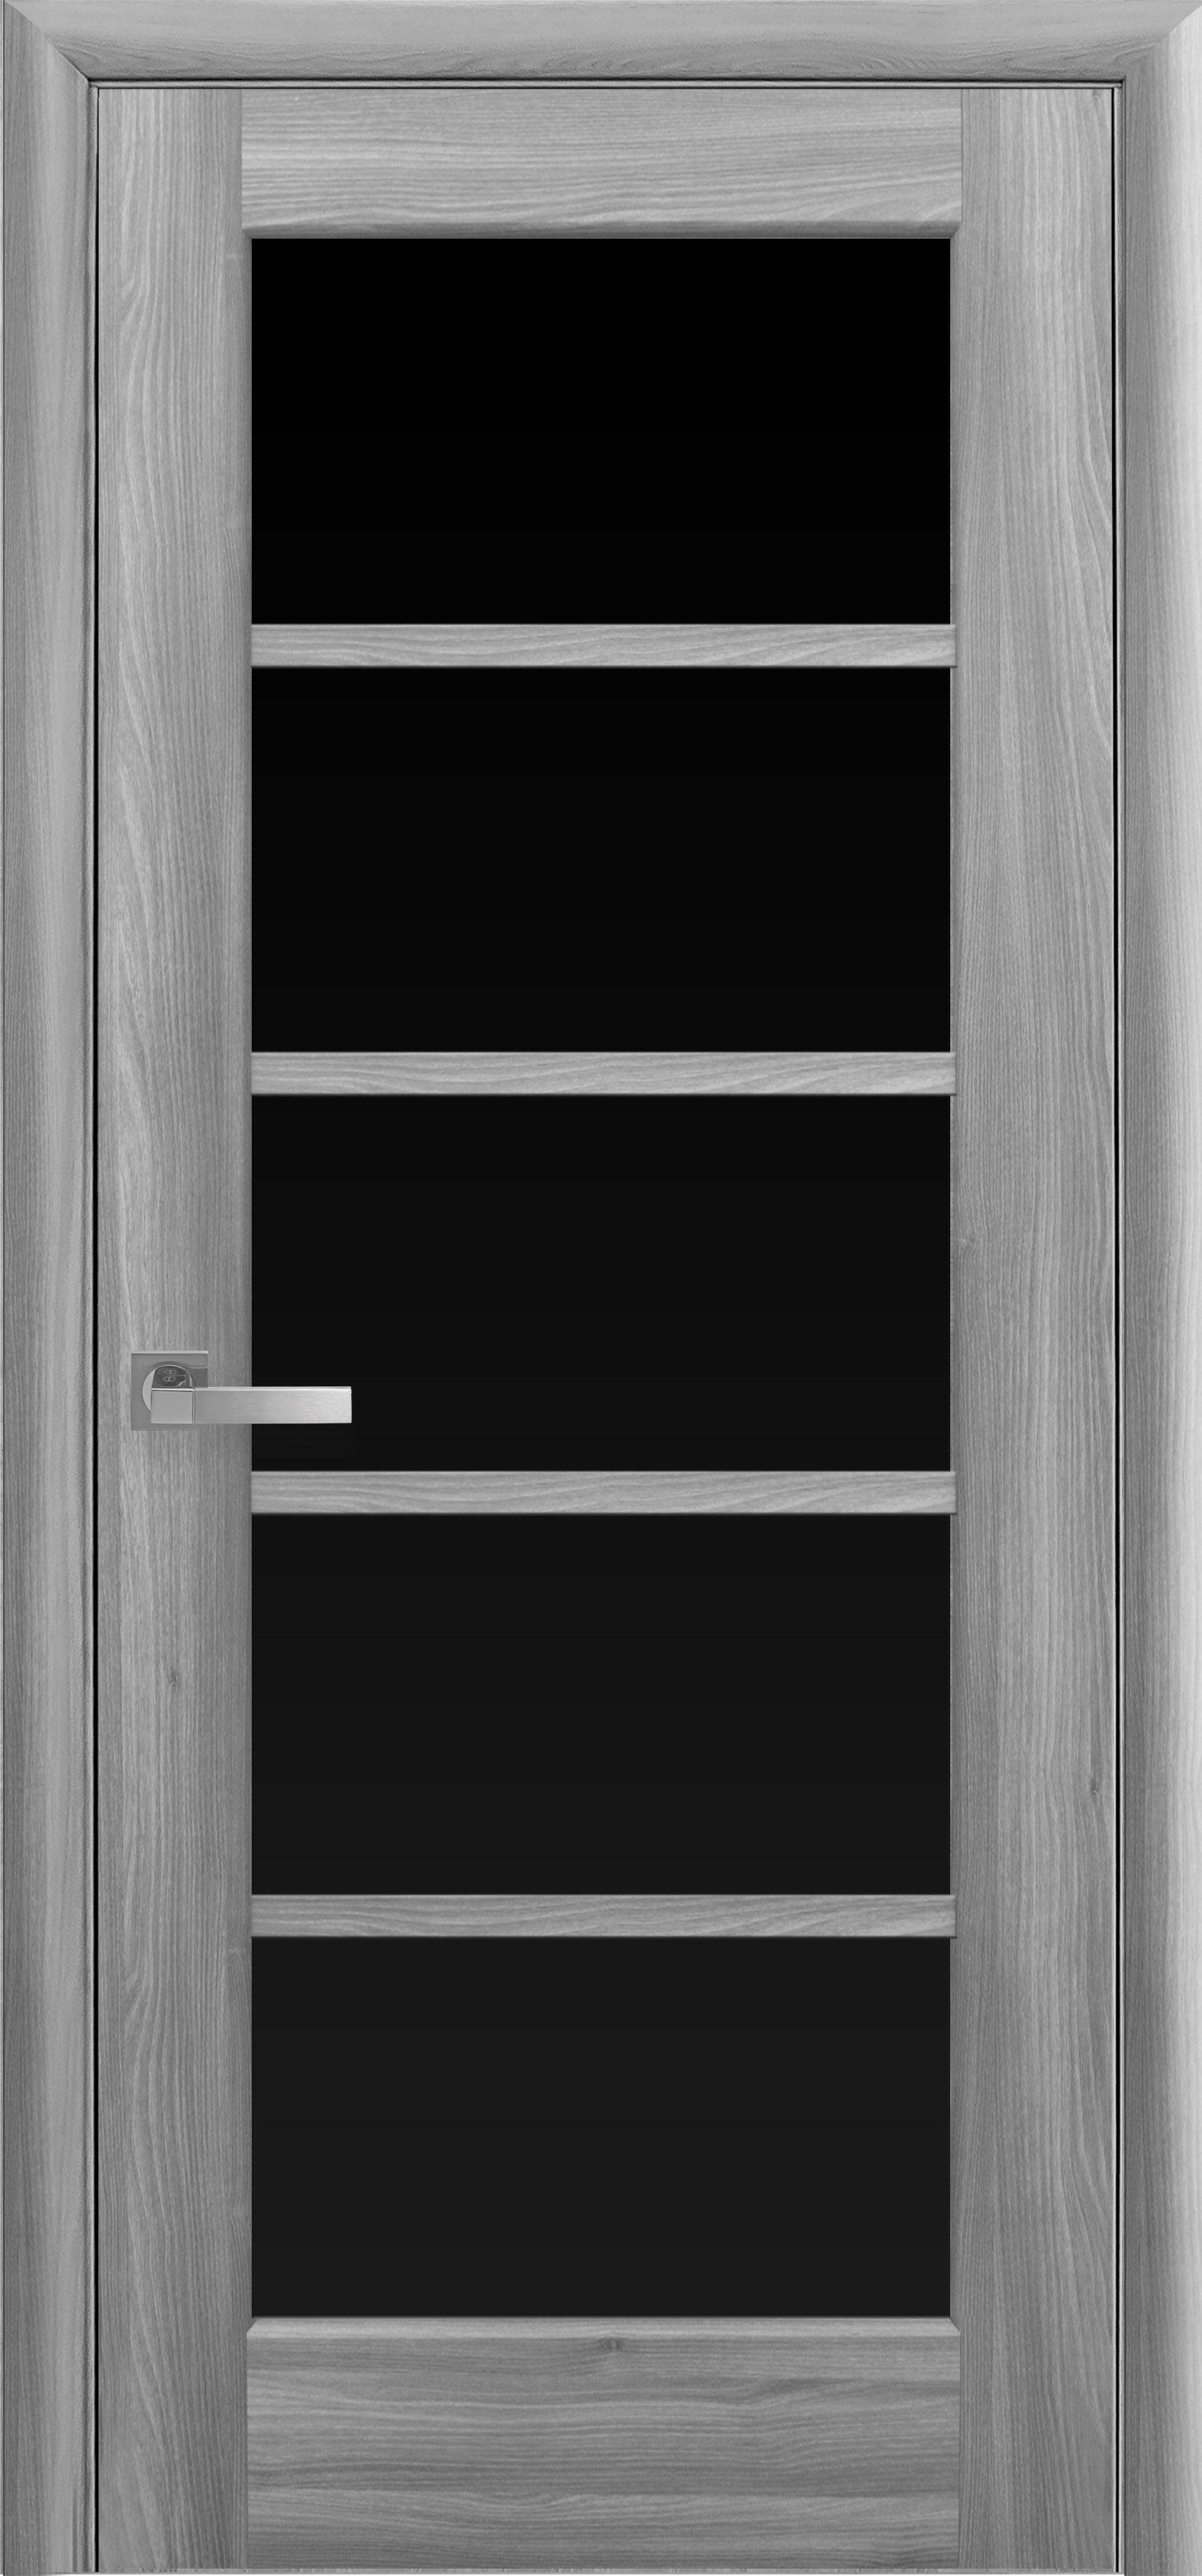 Межкомнатные двери Муза с черным стеклом